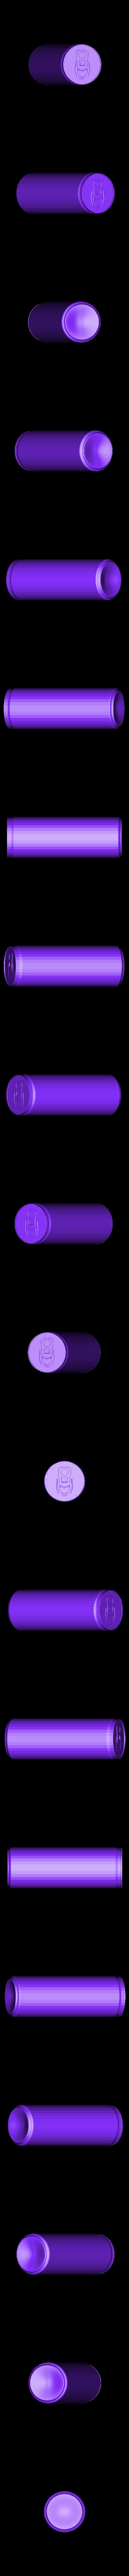 slim_can.stl Télécharger fichier STL gratuit Slim Can • Design à imprimer en 3D, M3Dr